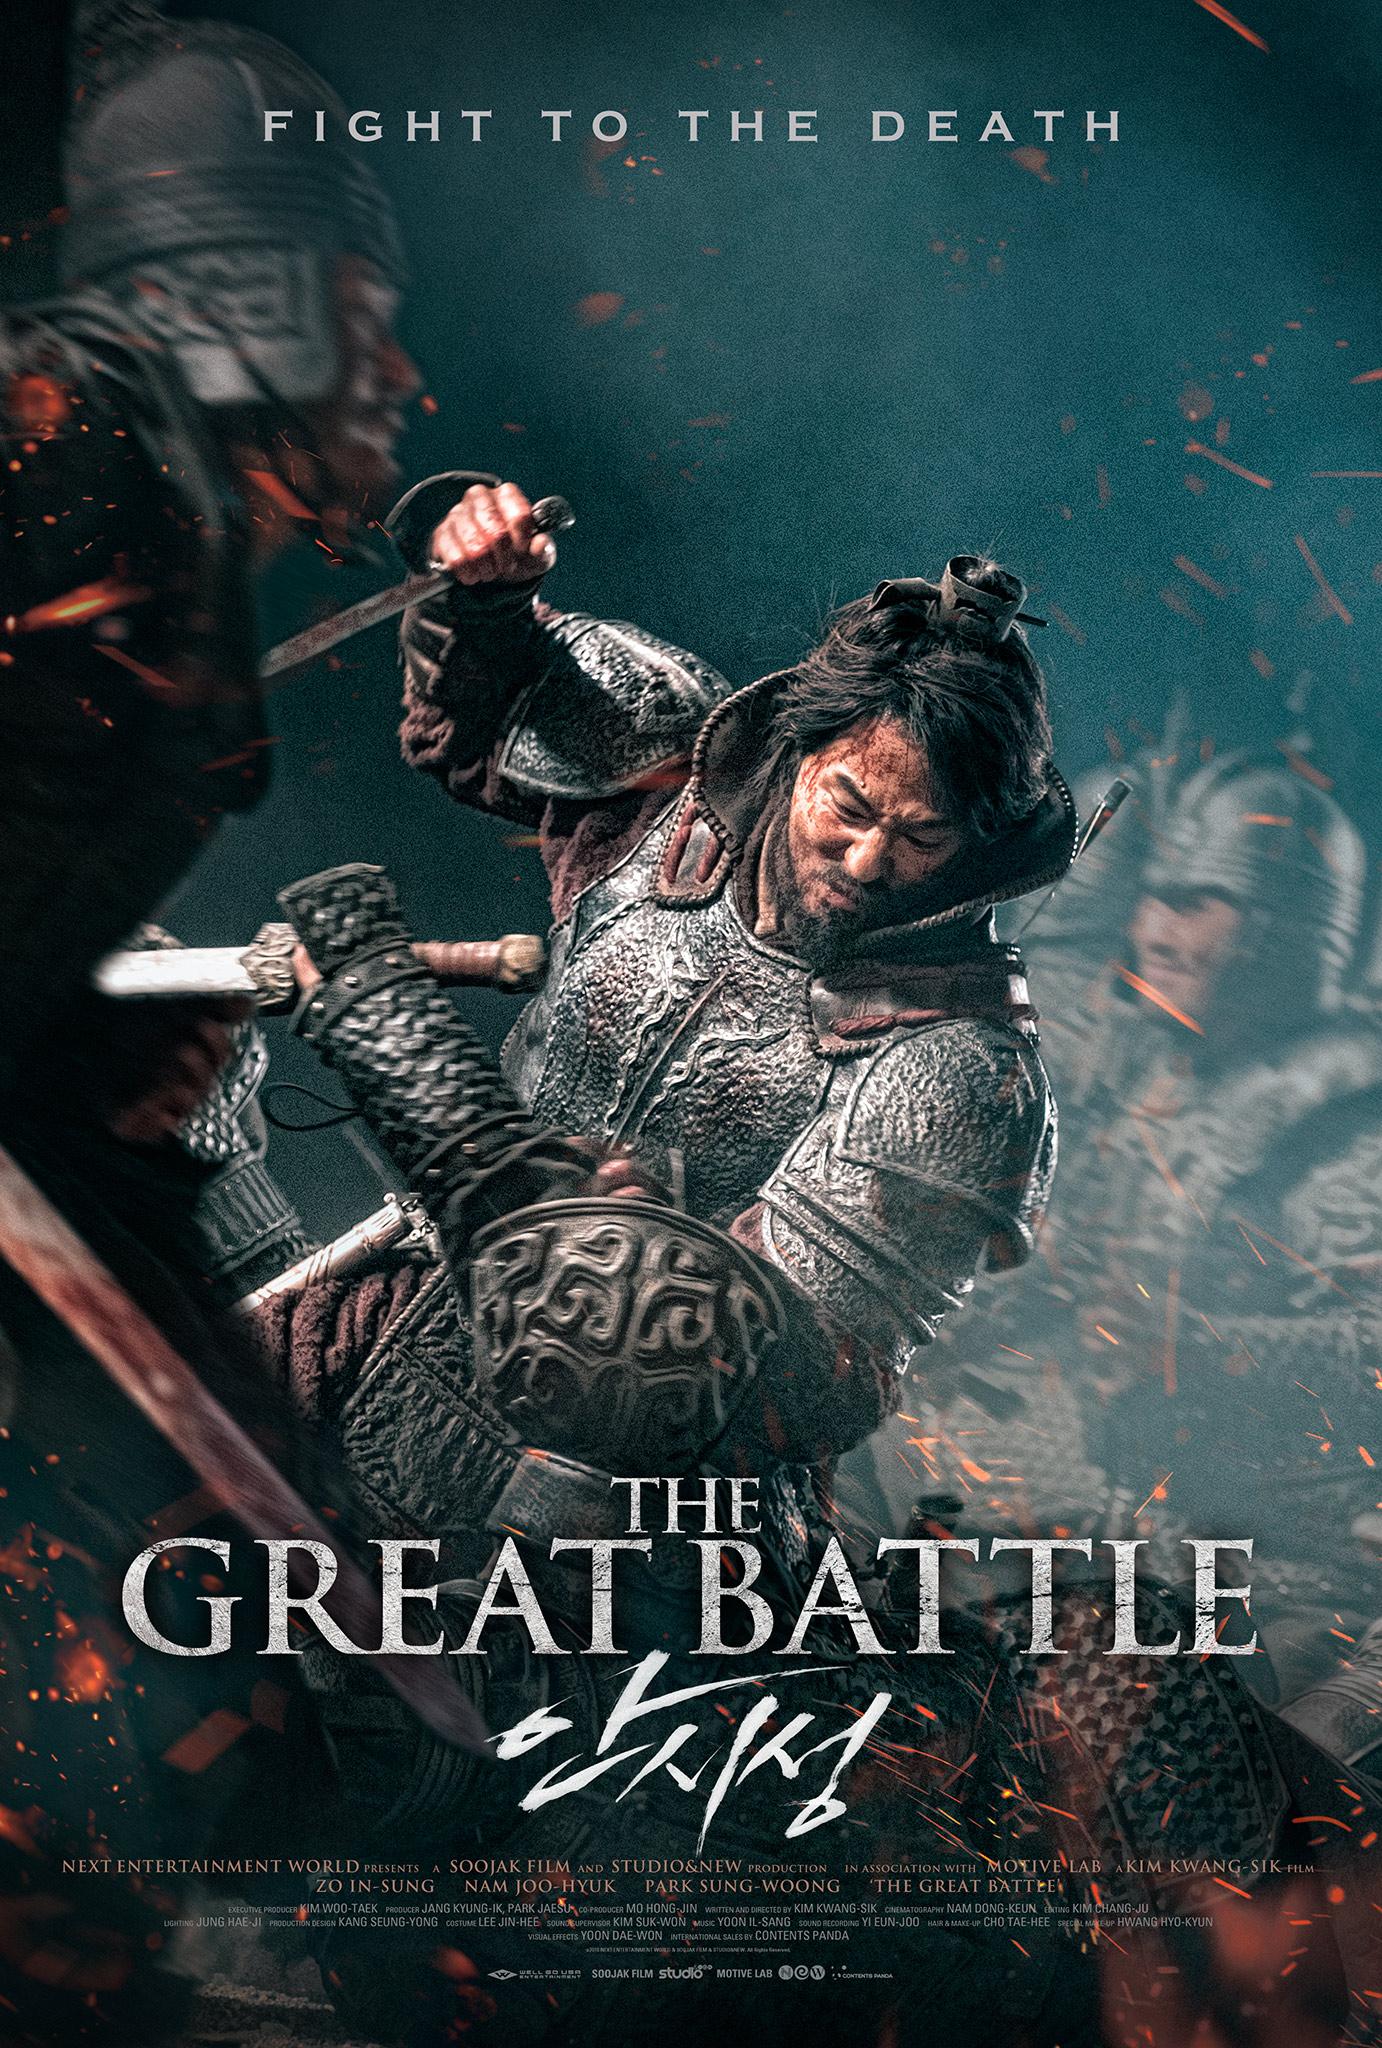 The Great Battle kapak